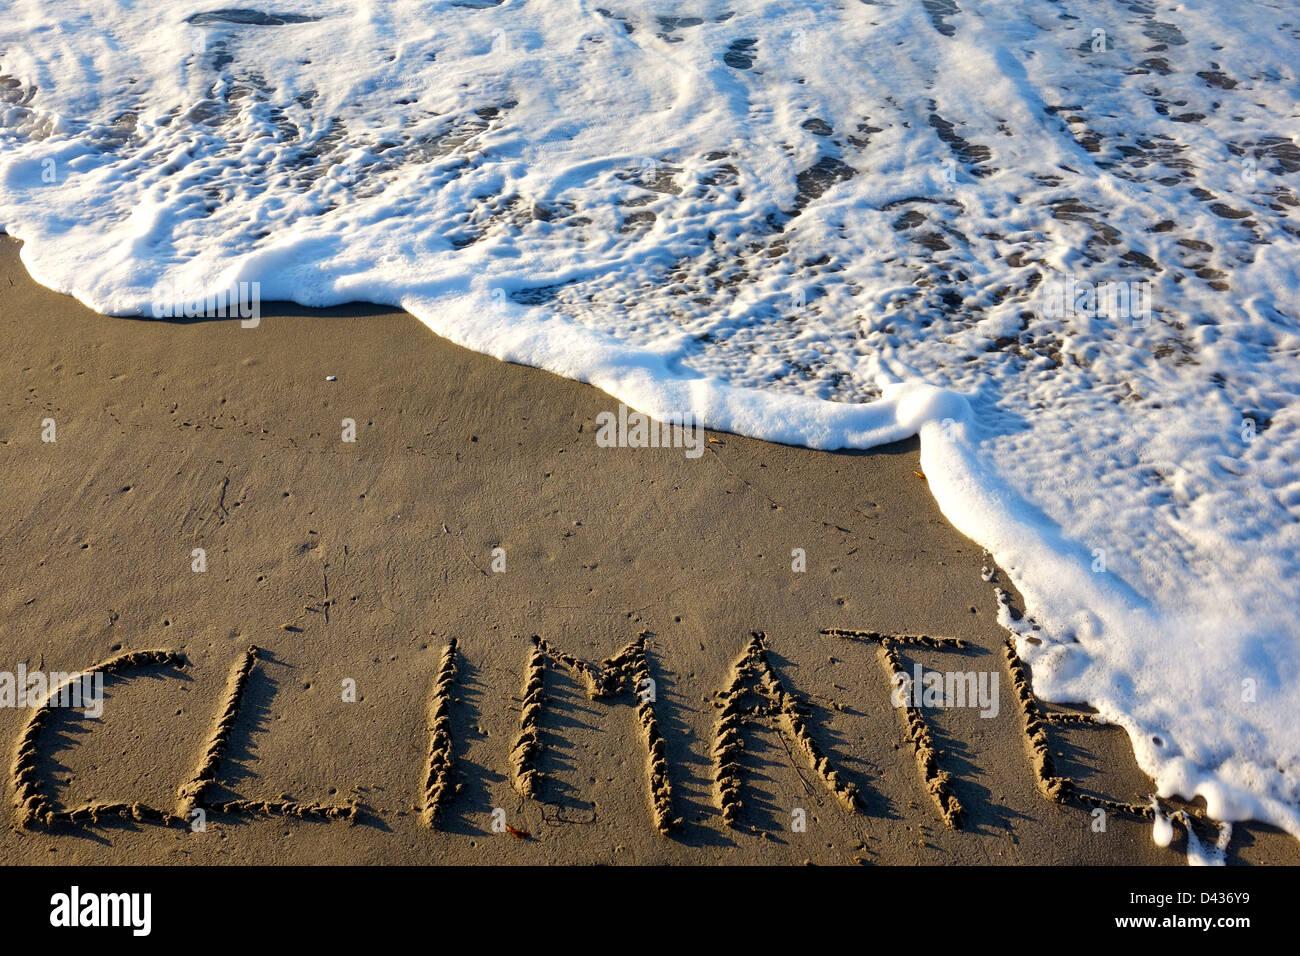 climate-change-oceans-rising-D436Y9.jpg